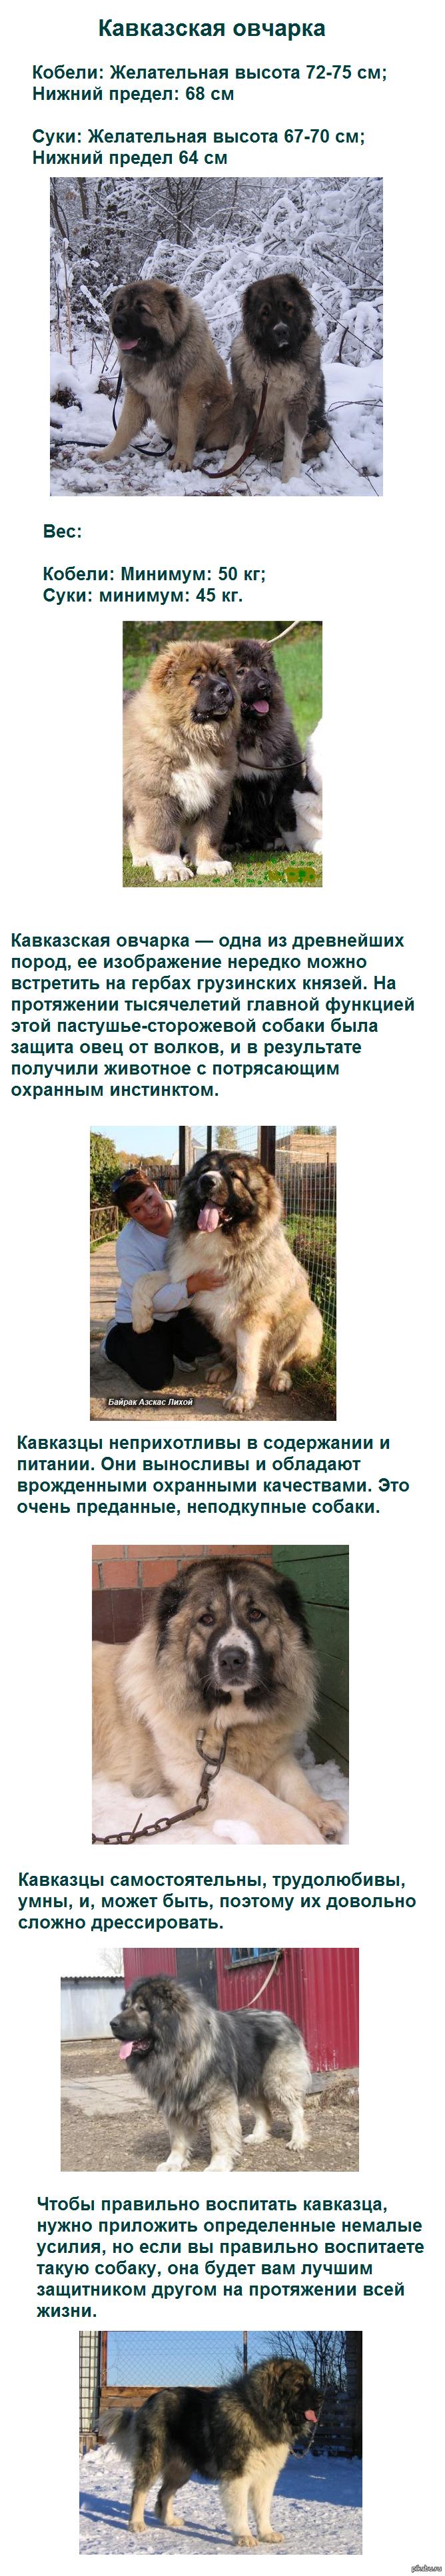 Трусливая кавказская овчарка 25 фотография